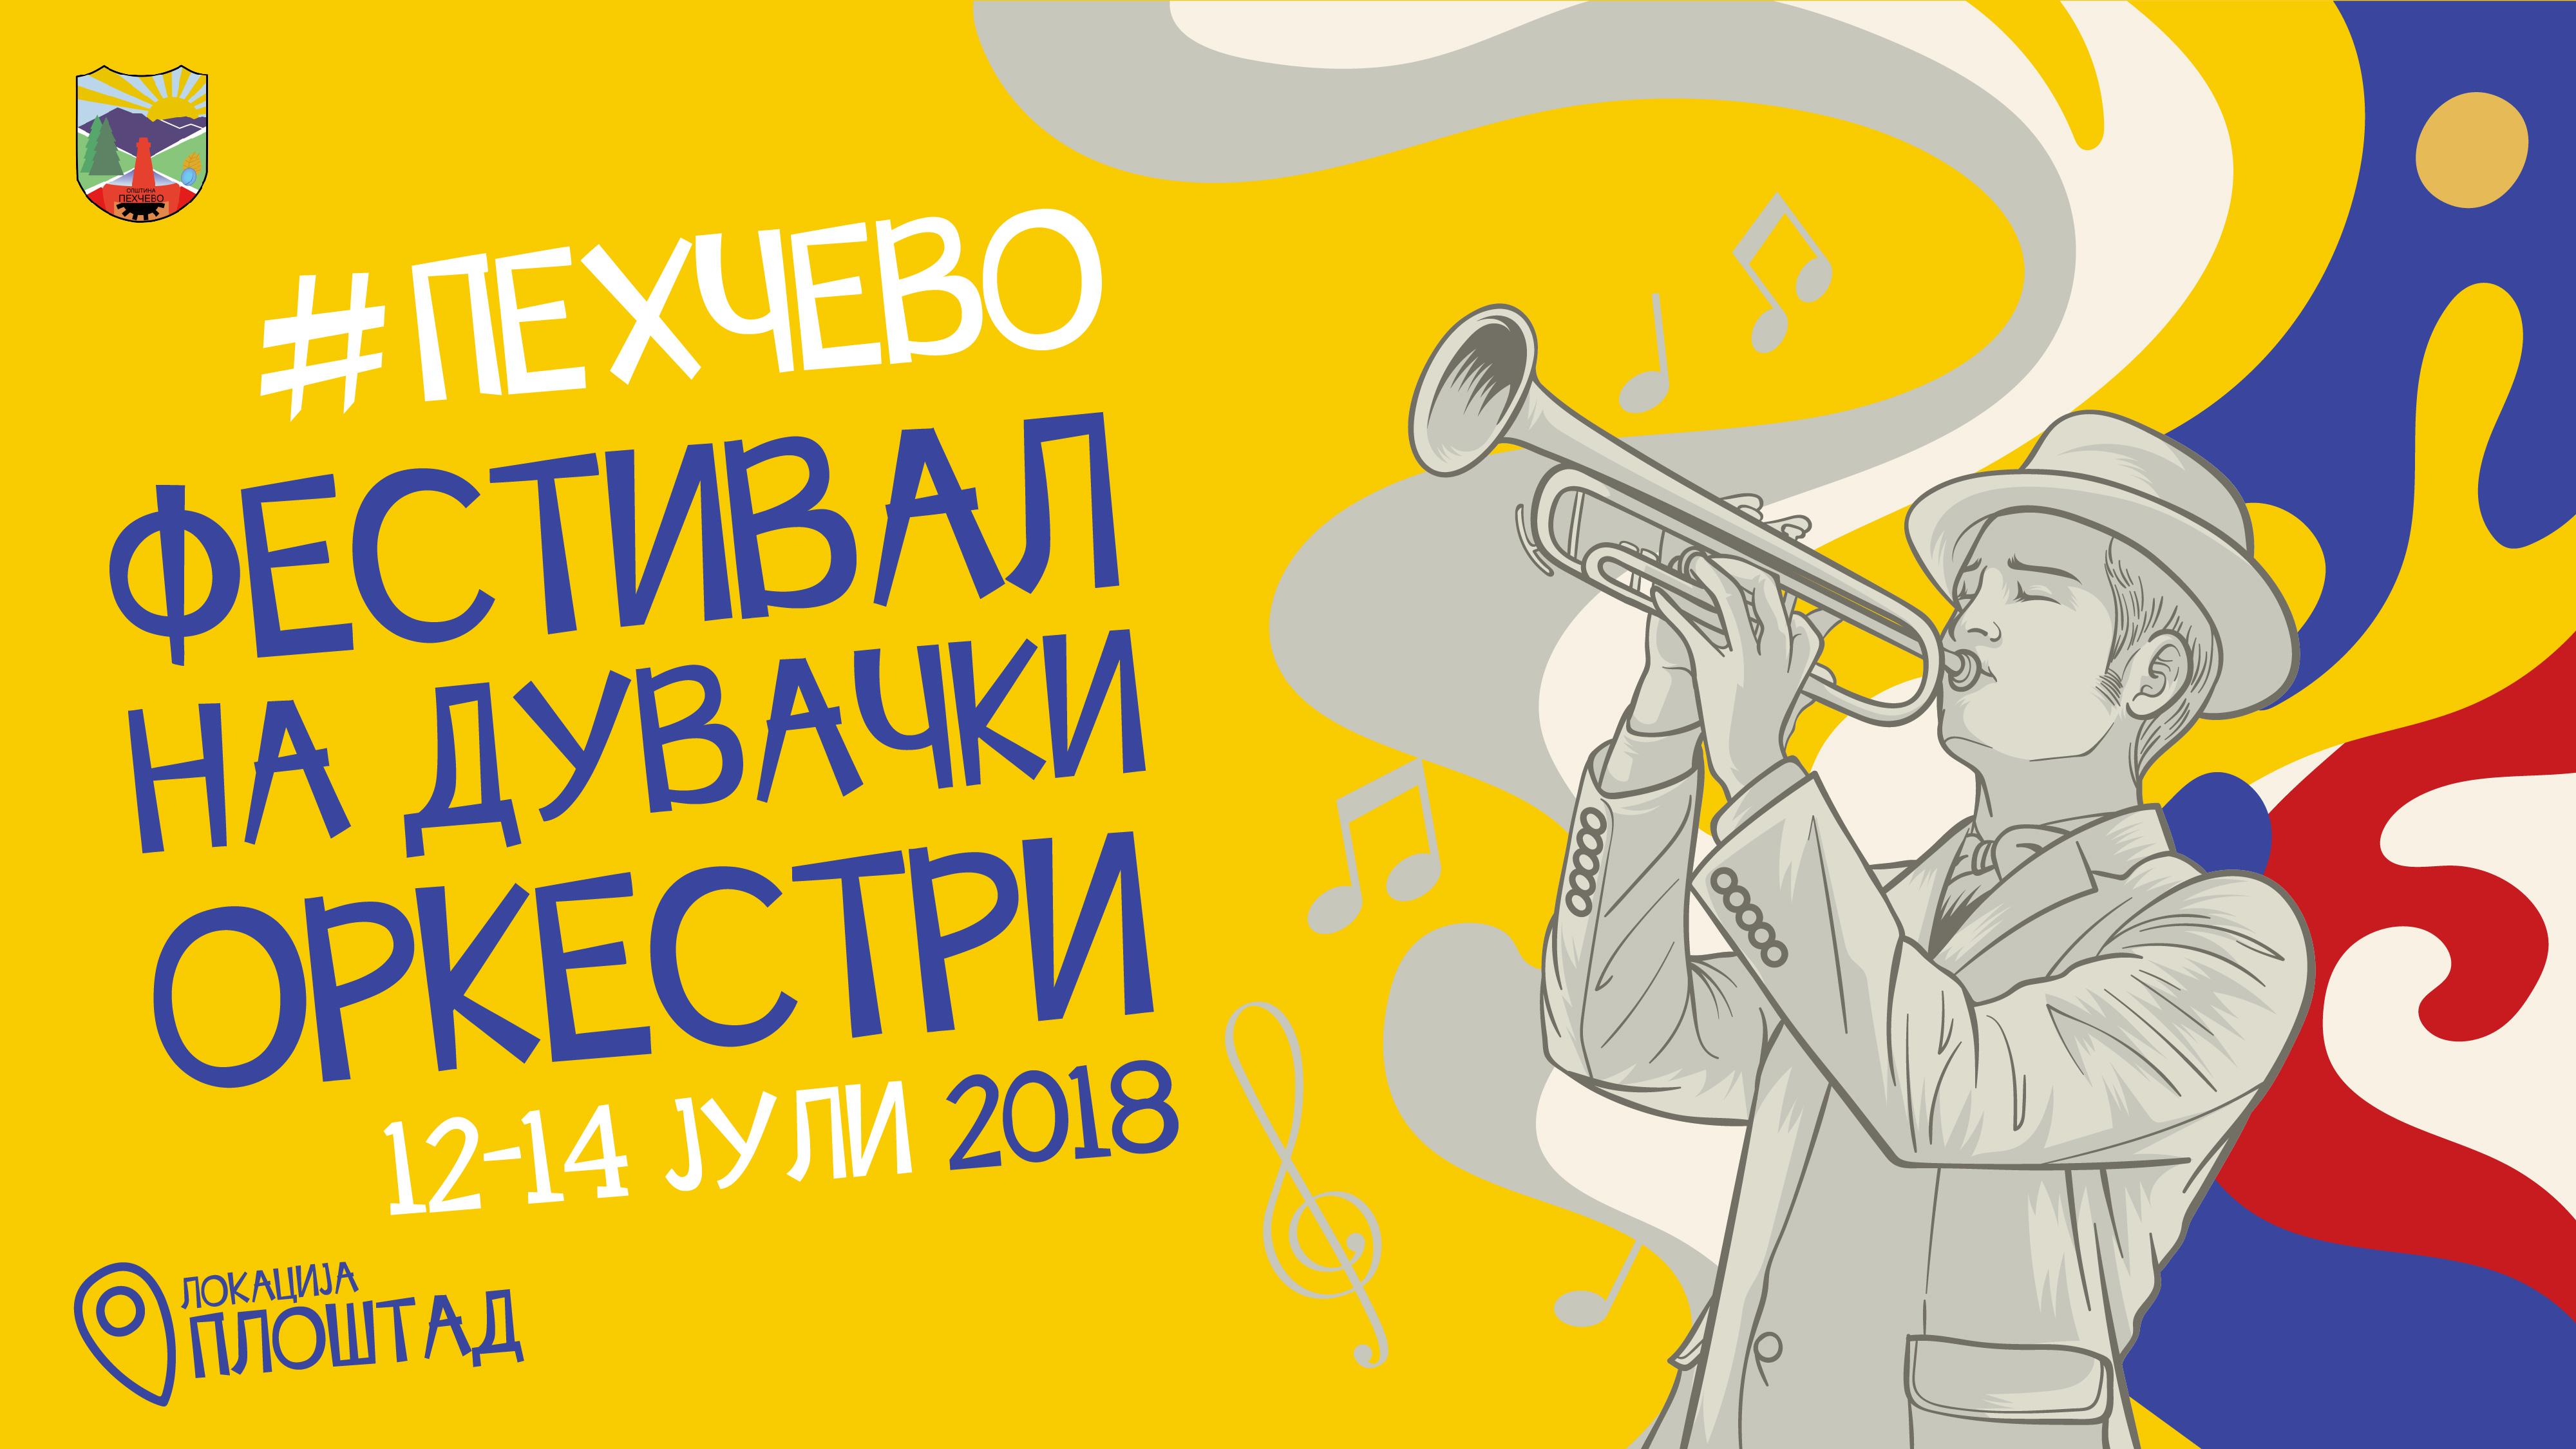 Пехчево-Фестивал-Настан и пост за медиуми